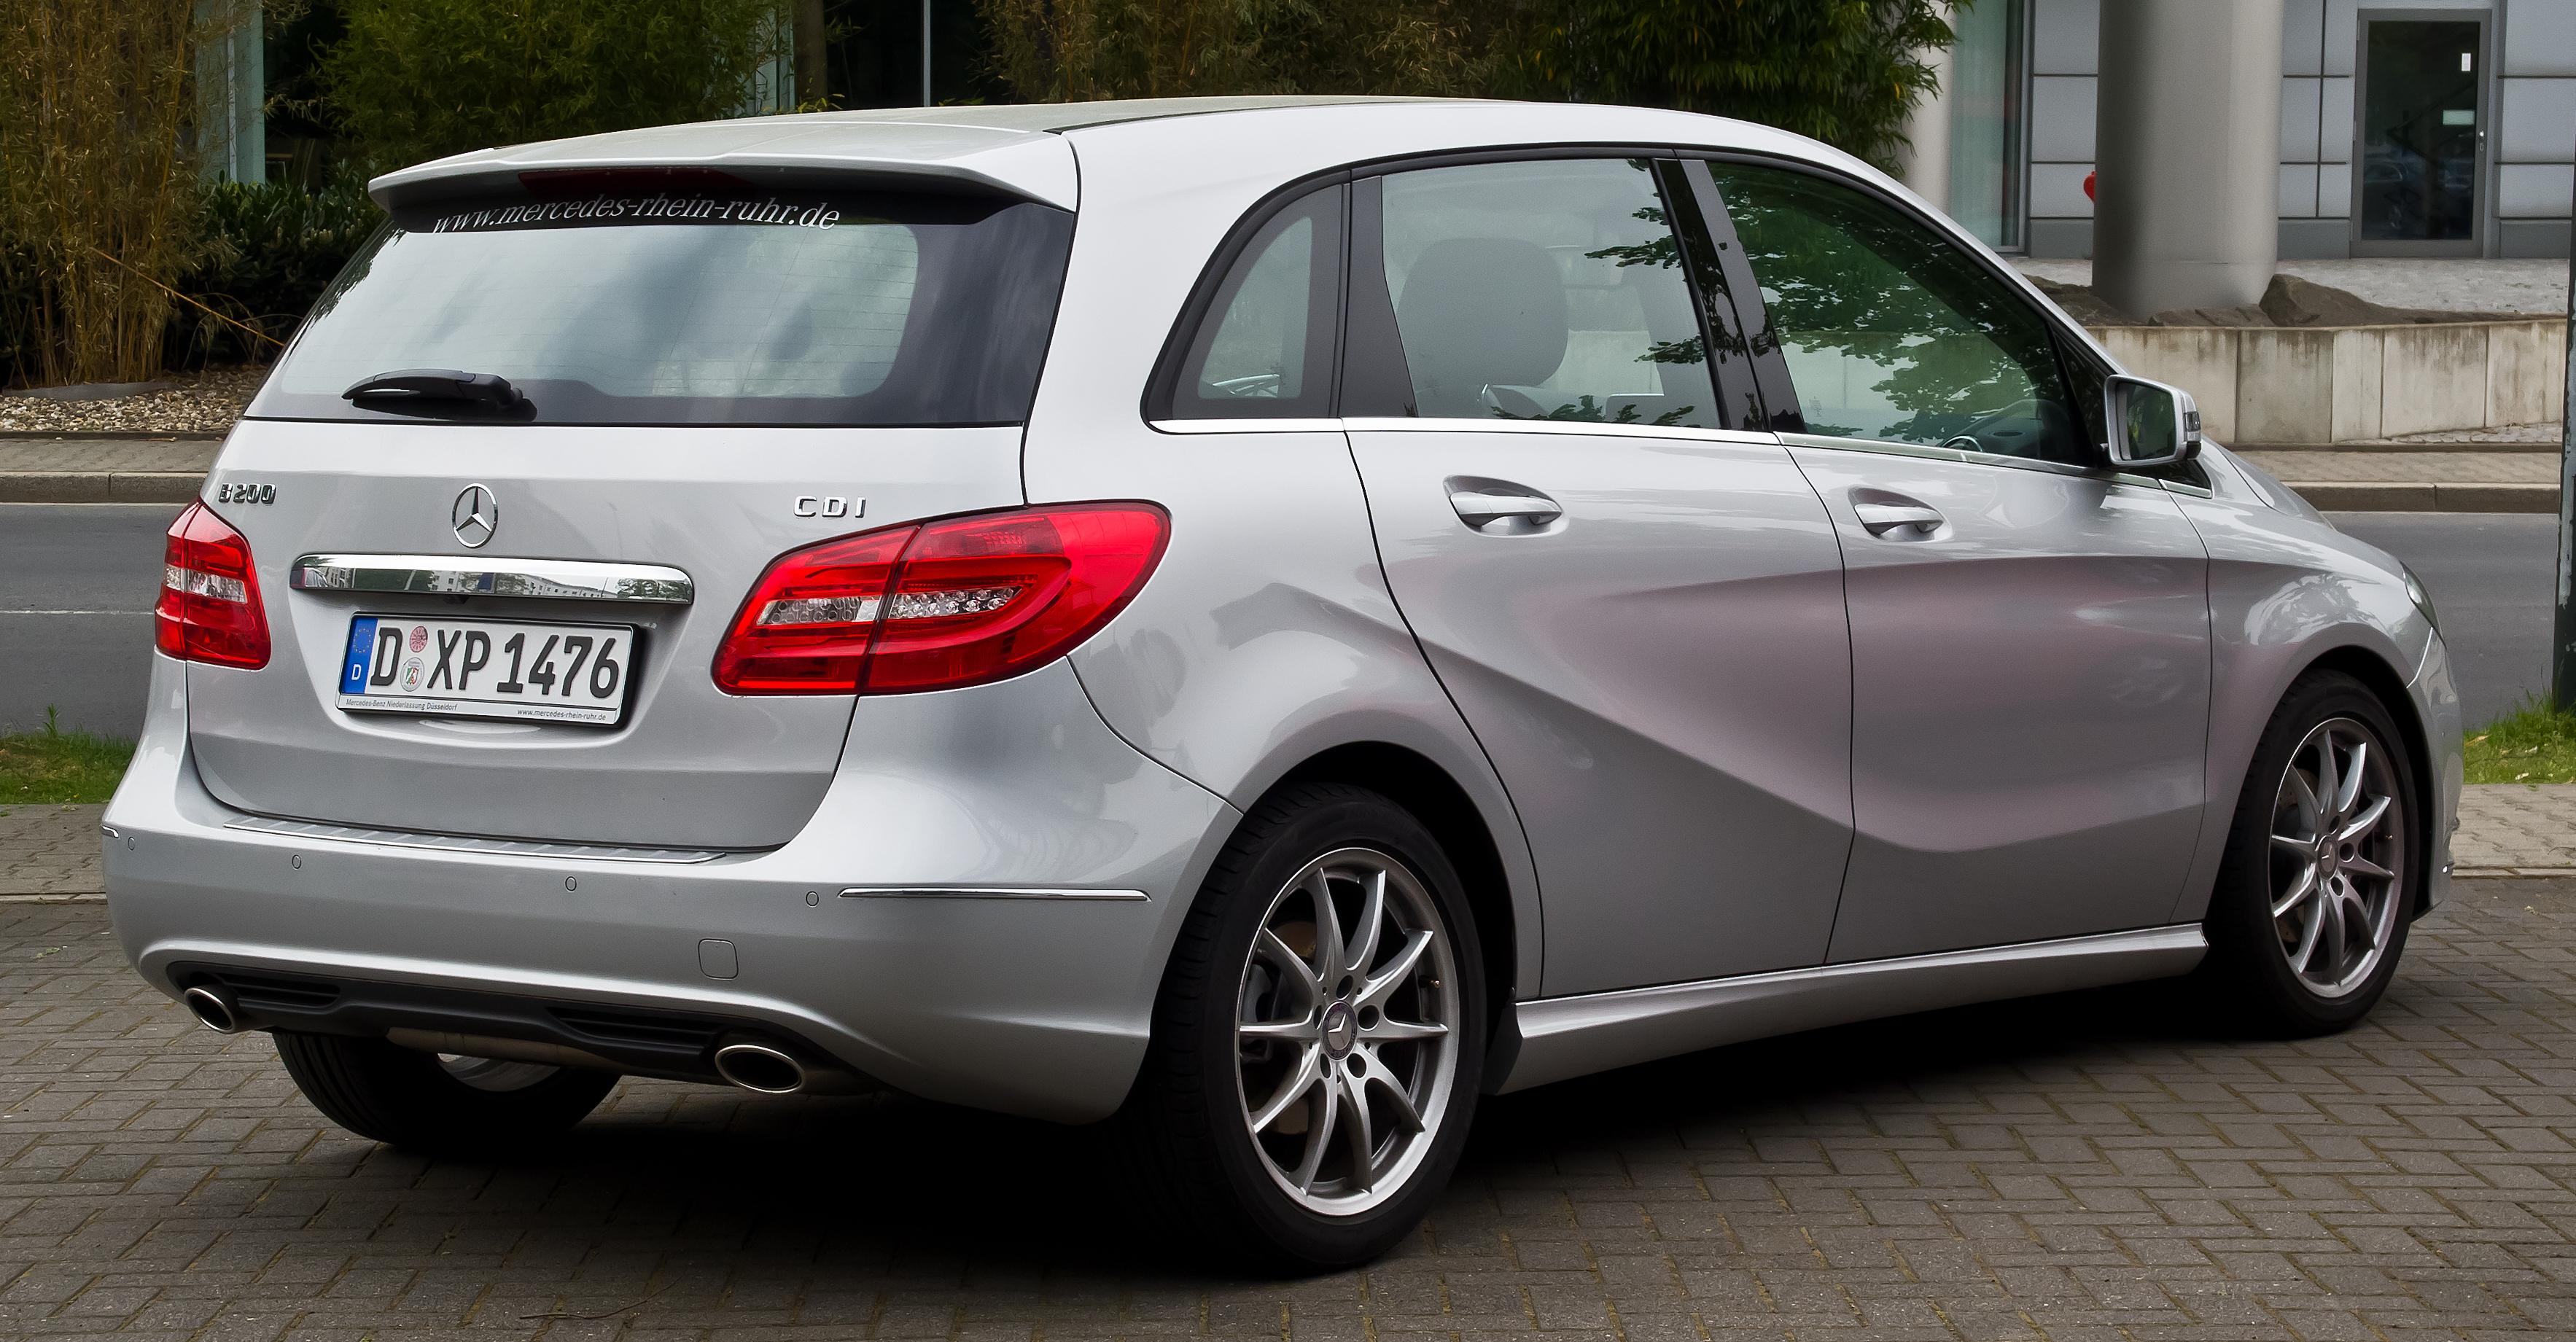 Mercedes Benz Mb Verkaufsstelle Untert Ef Bf Bdrkheim